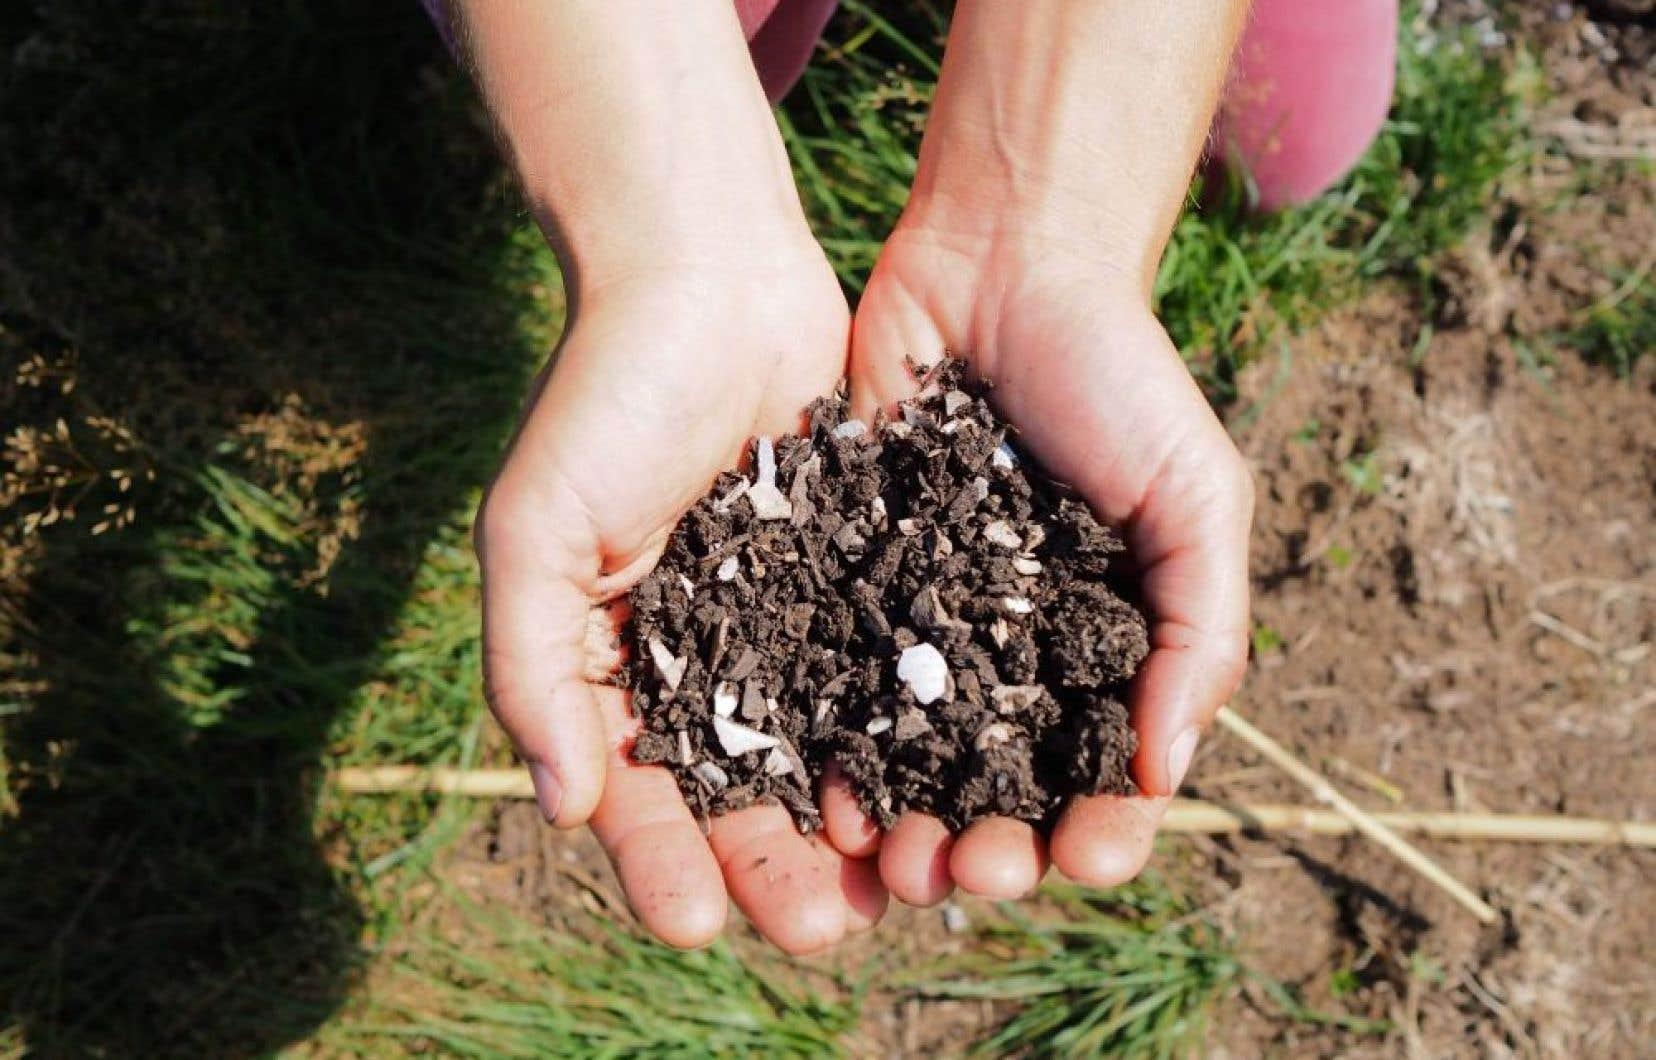 La vision d'ensemble de l'agroécologie rappelle les bases des écosystèmes. Si l'un de ses éléments clés, vivants ou non vivants, est usé, appauvri, pollué, il n'est pas étonnant qu'un déséquilibre s'installe en cours de route.